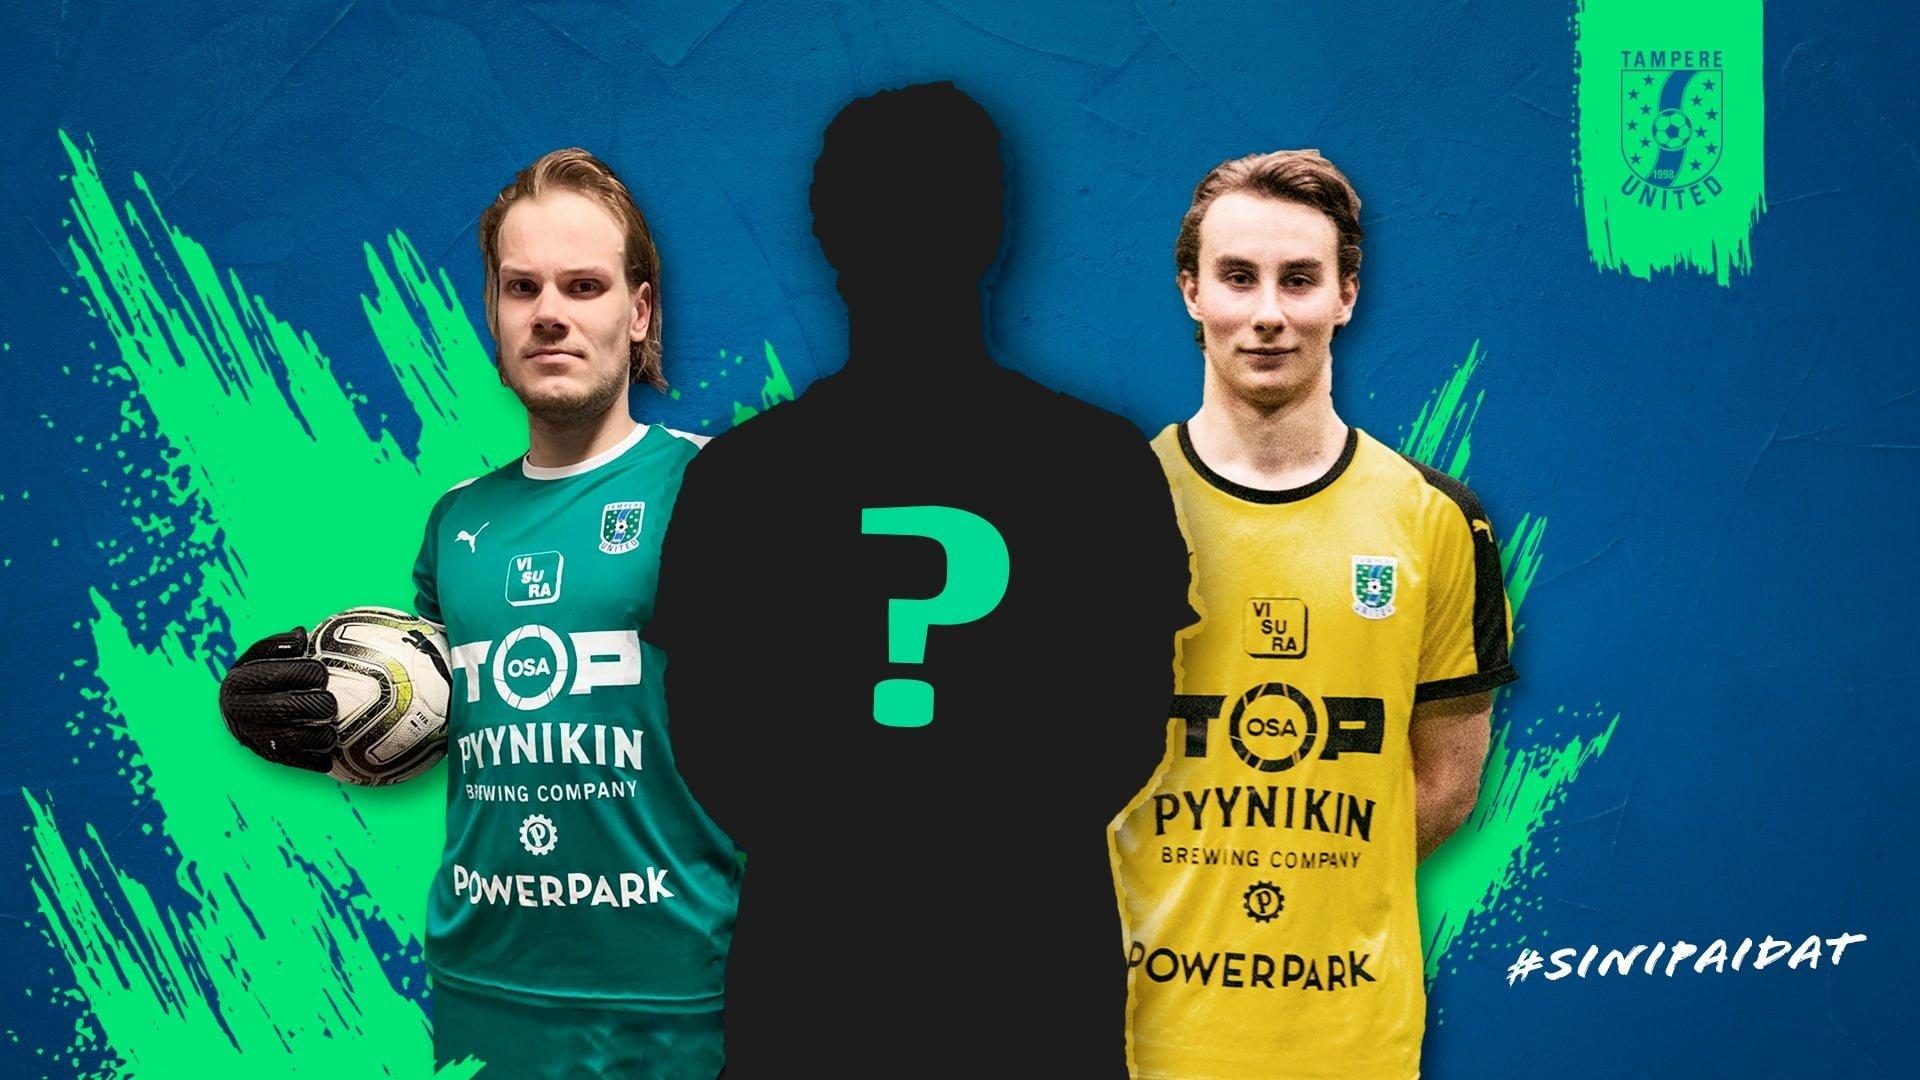 Tampere United hakee kolmatta maalivahtia edustukseen -uutiskuva